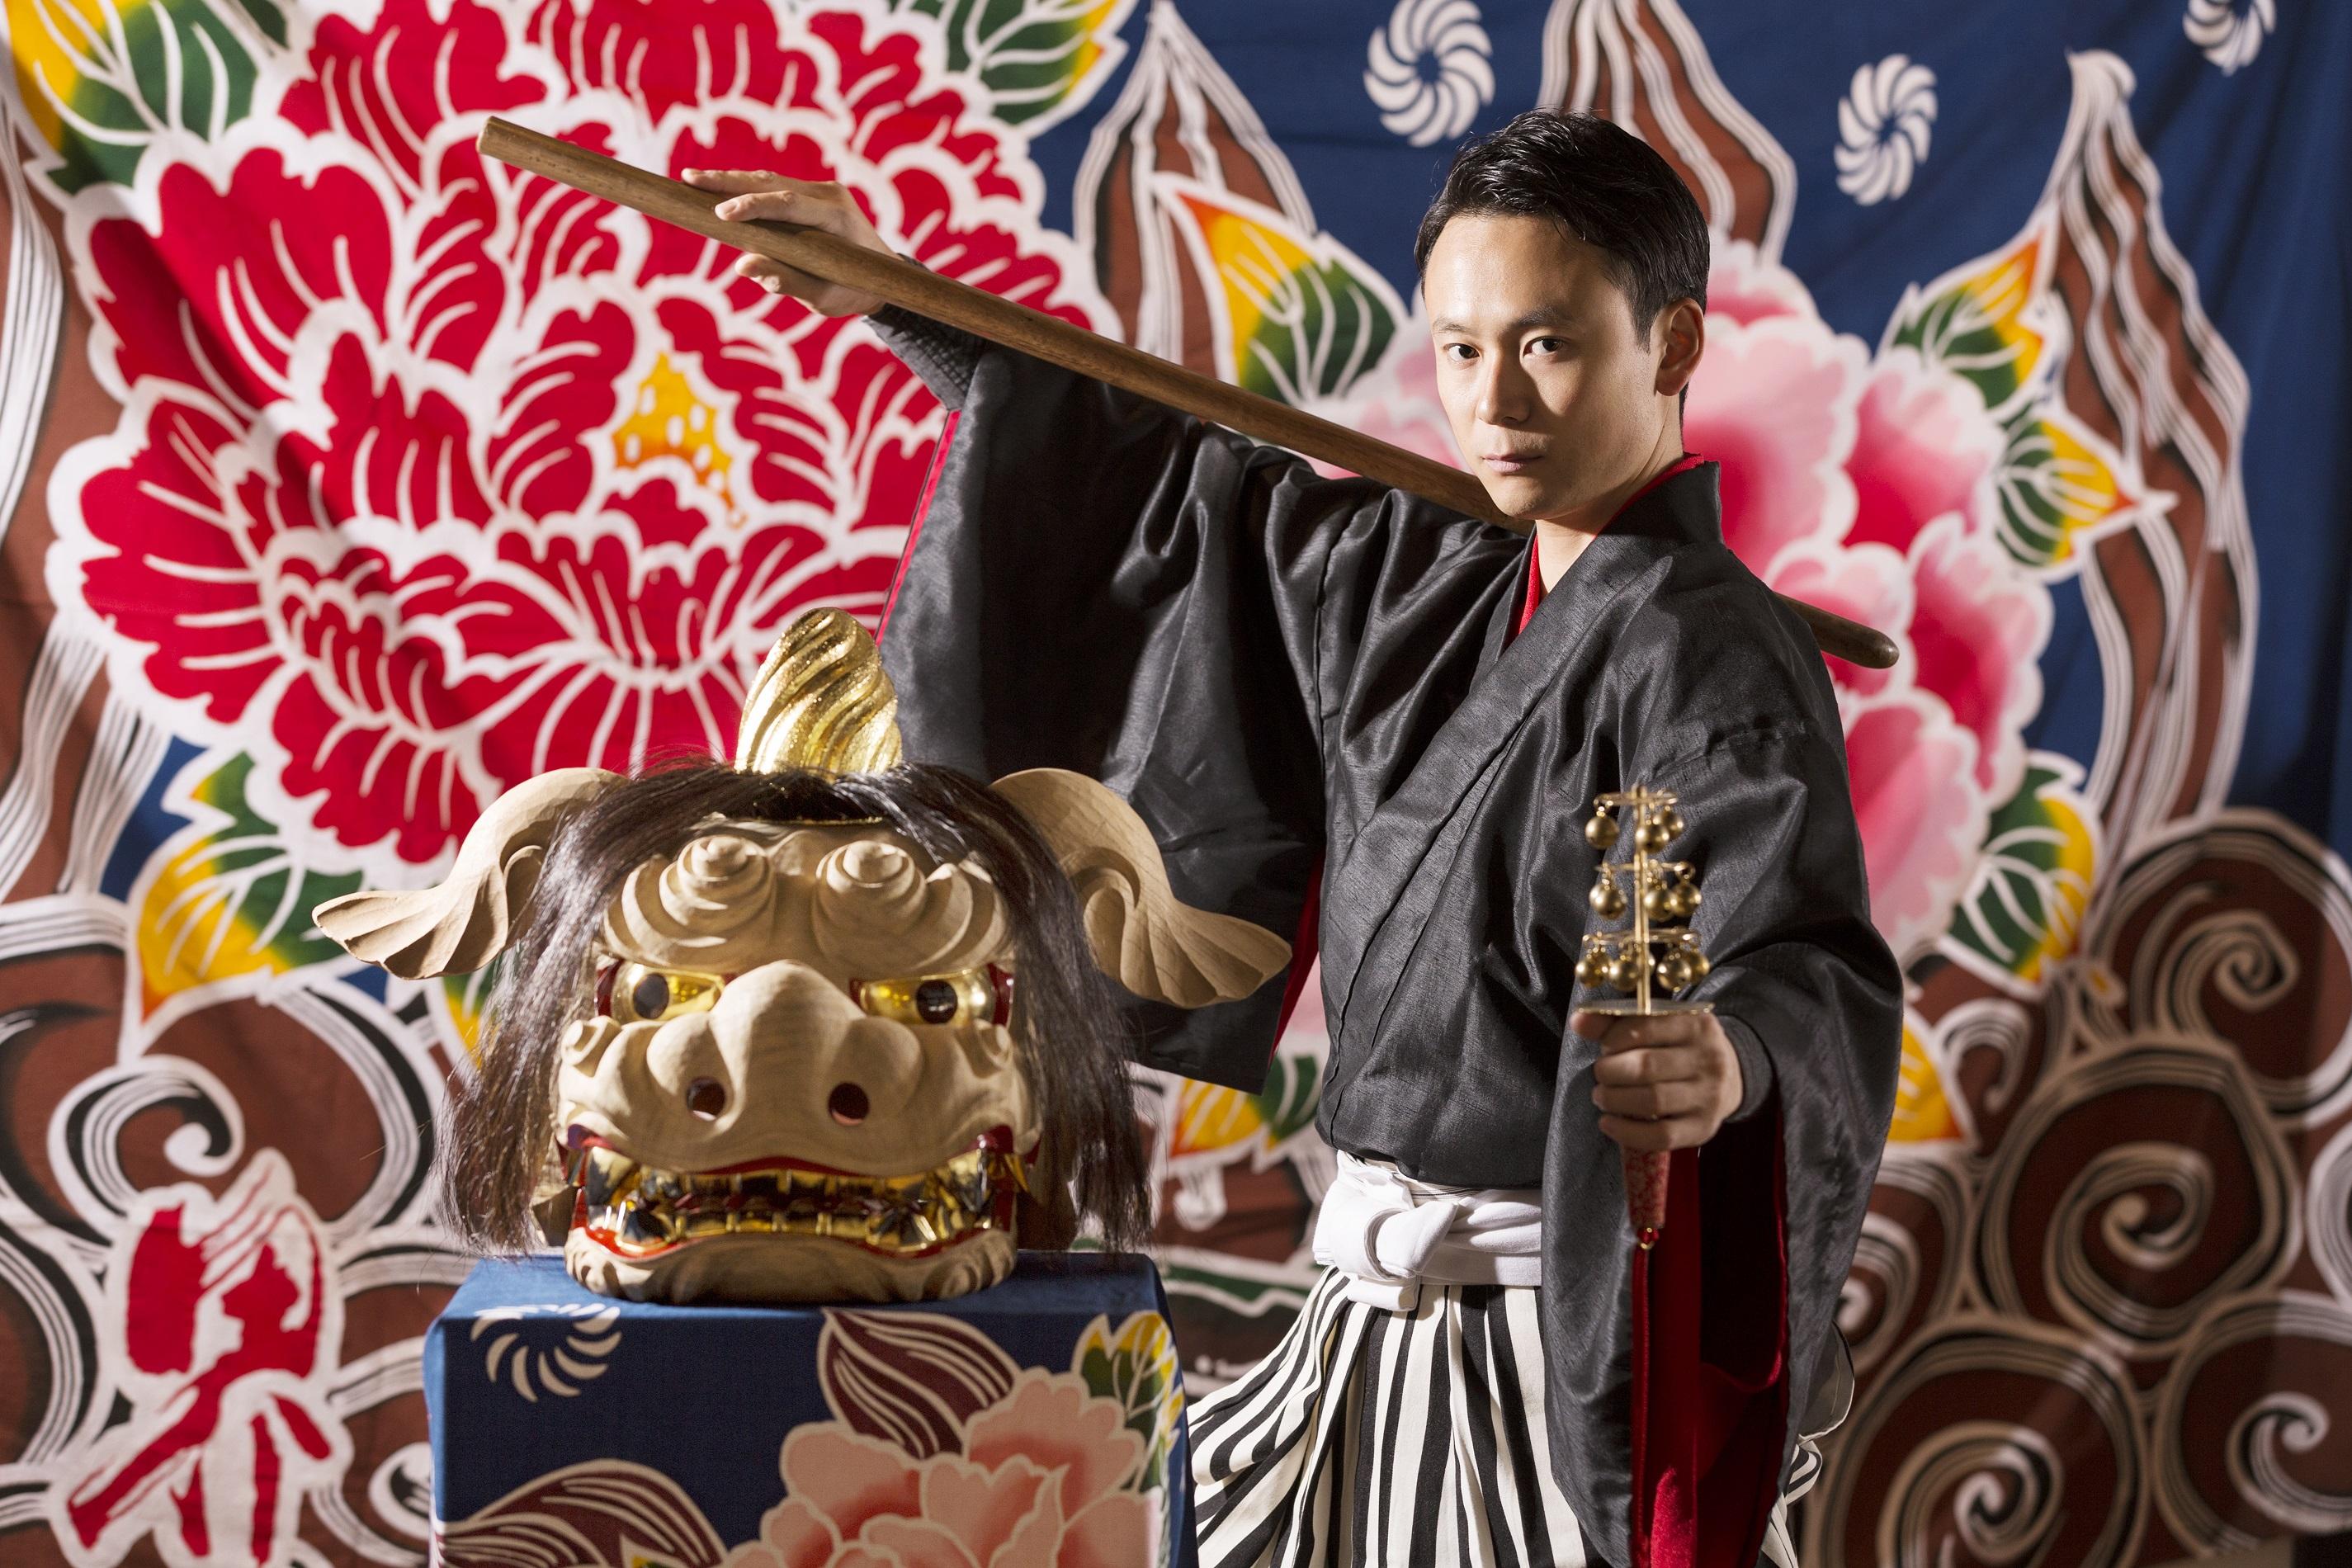 毎晩演じられる加賀獅子舞は一度見たら忘れられないほどの迫力